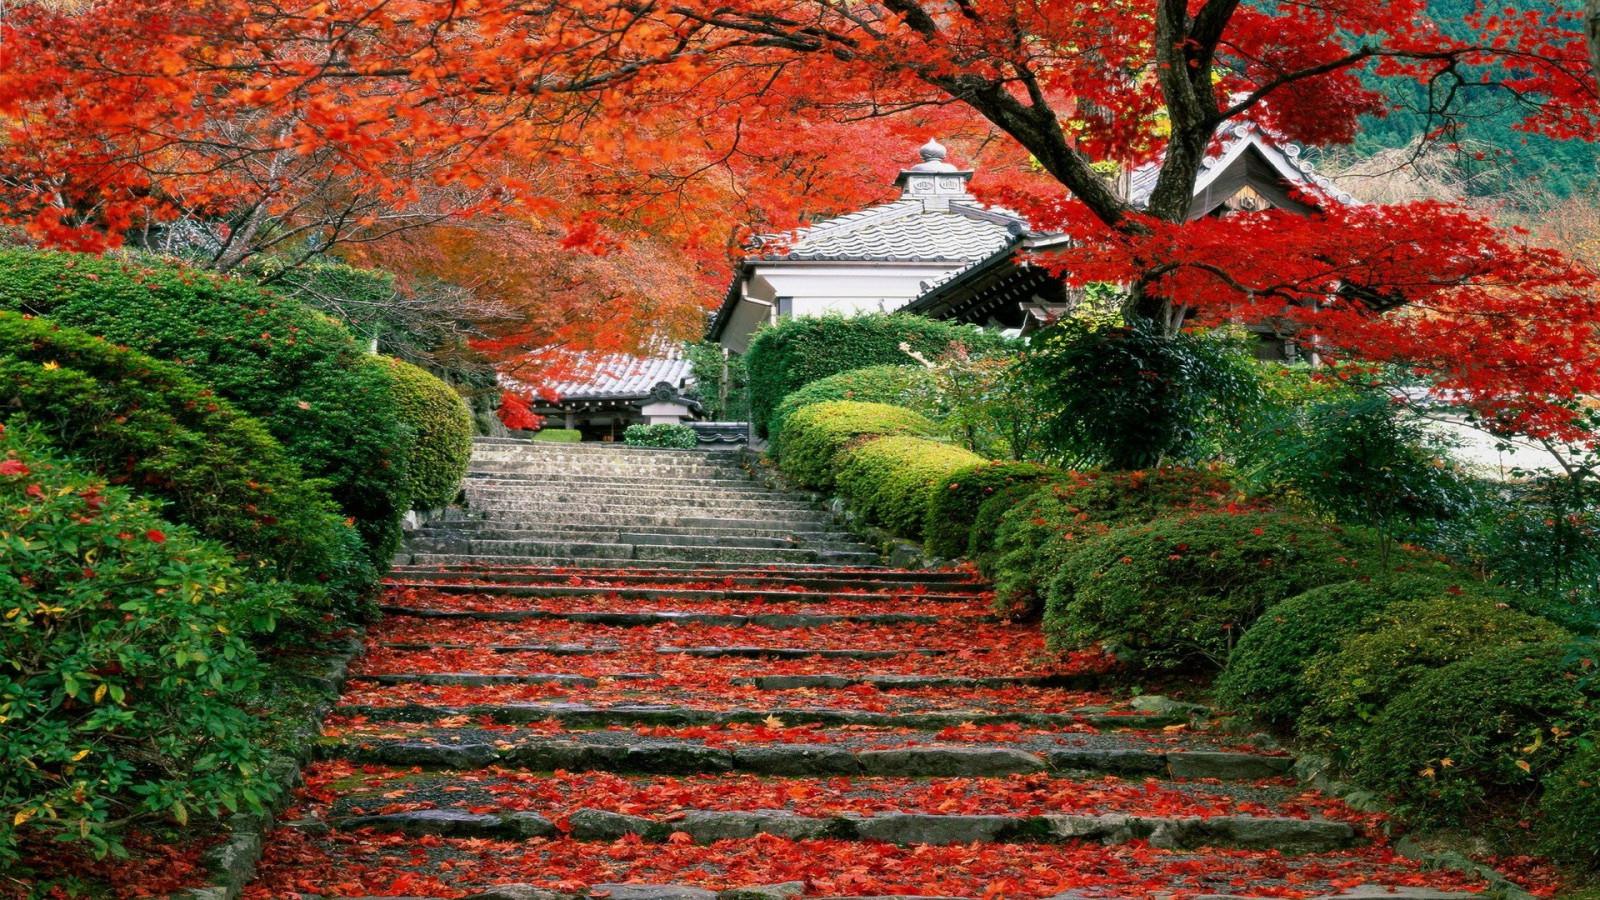 石畳と紅葉の日本の景色の壁紙